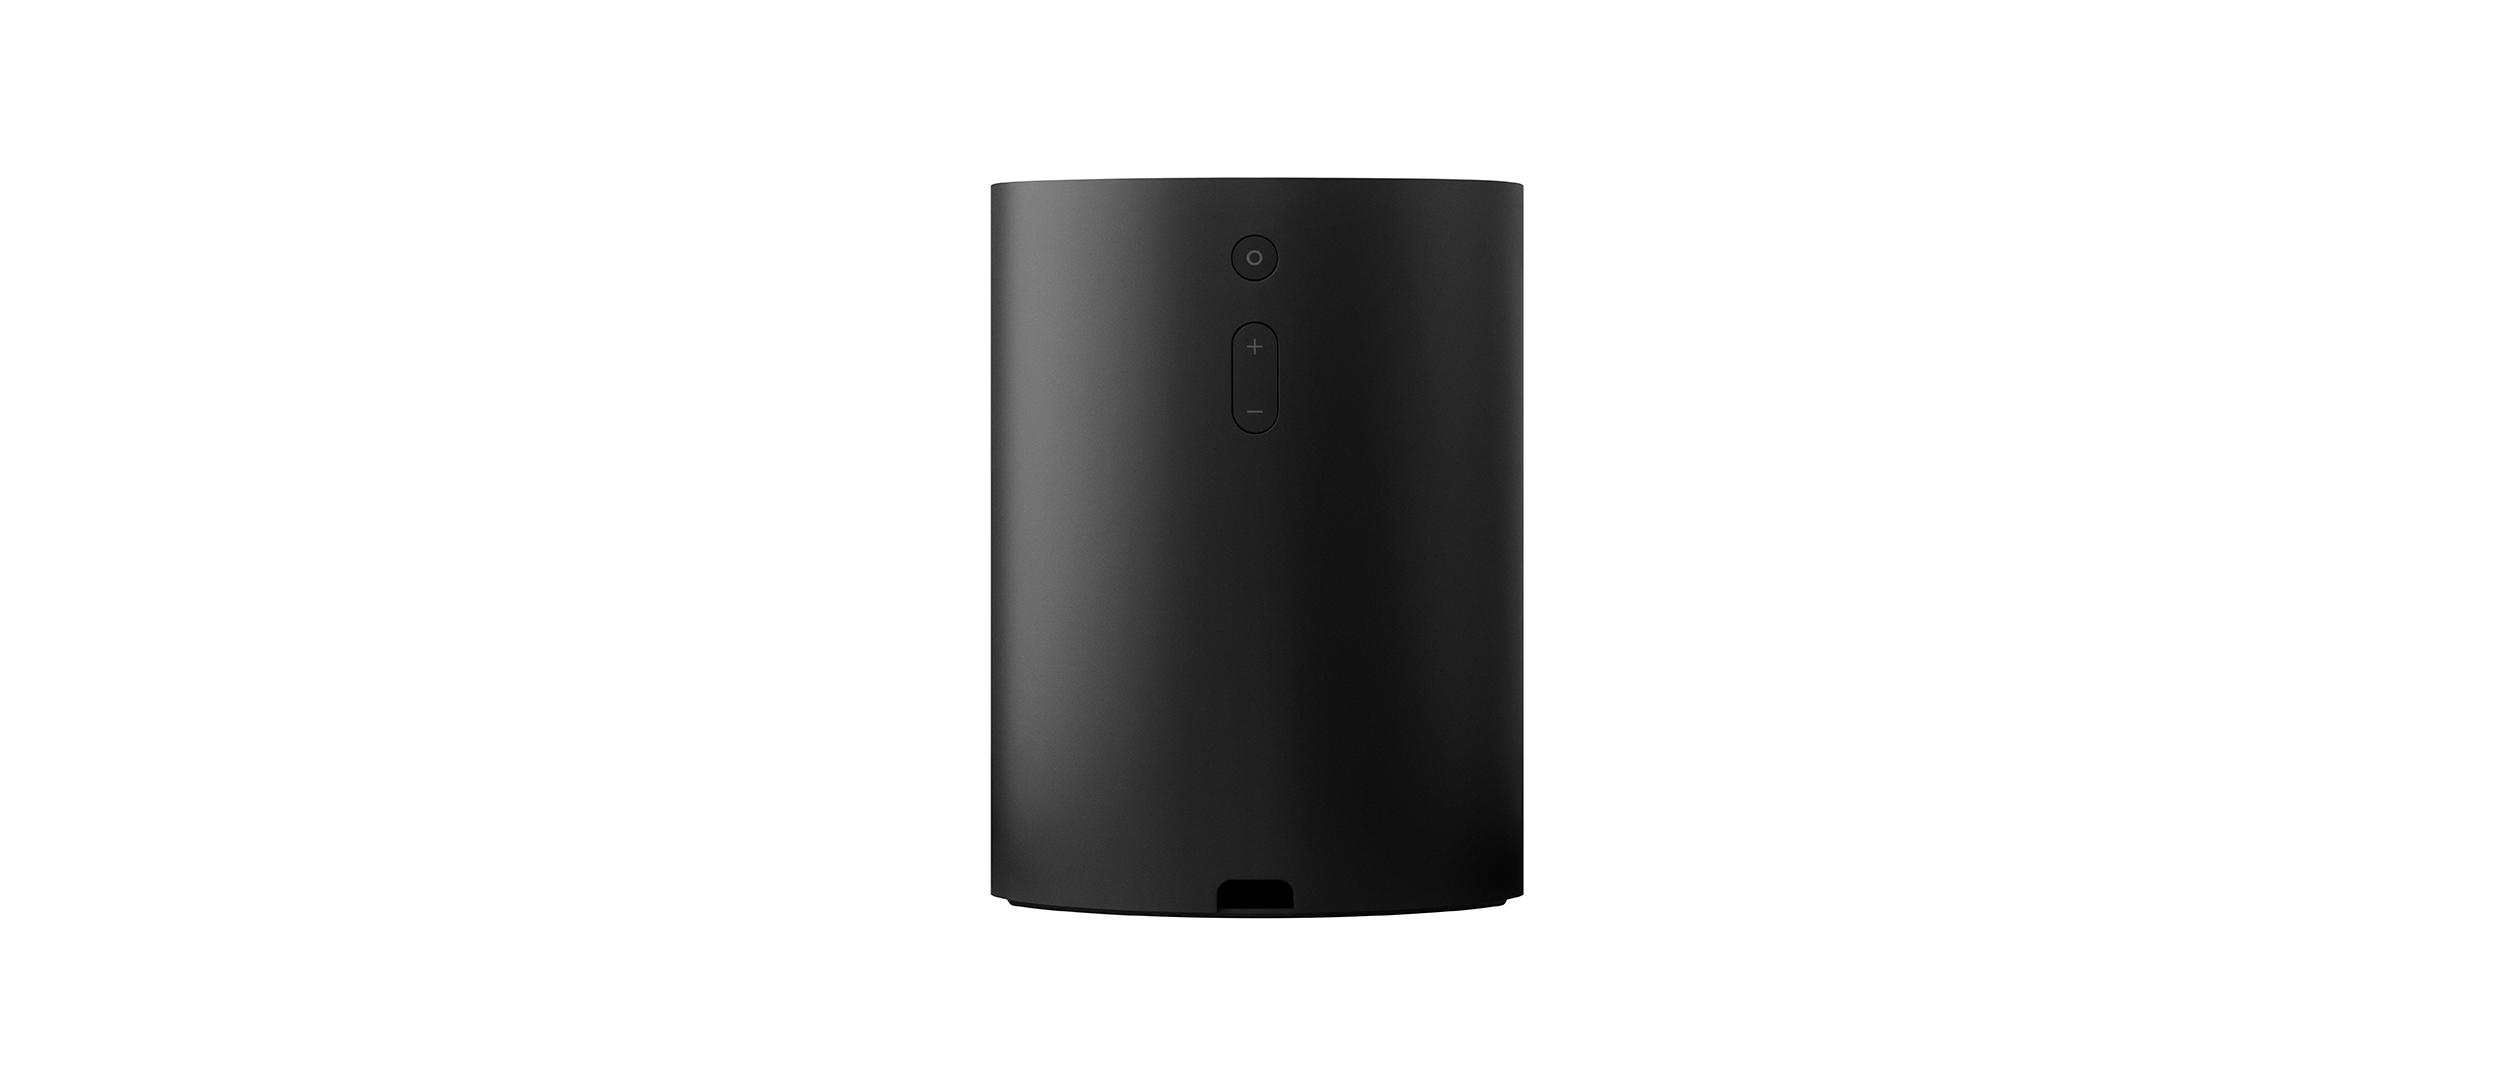 B&O | Beautiful, High End Speakers